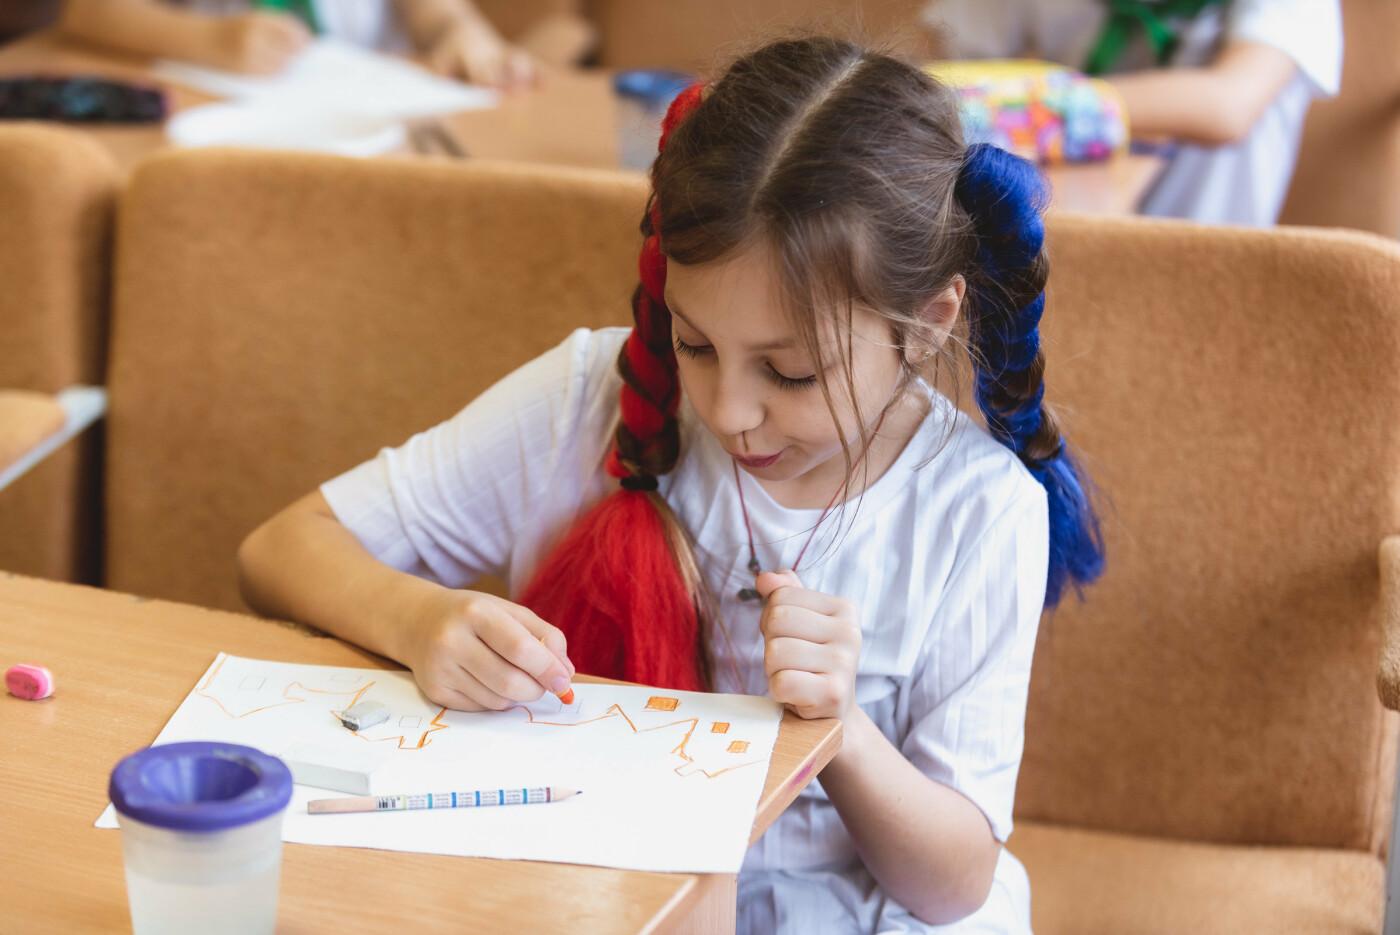 В Ялтинской школе № 1 для школьников провели художественный мастер-класс, фото-6